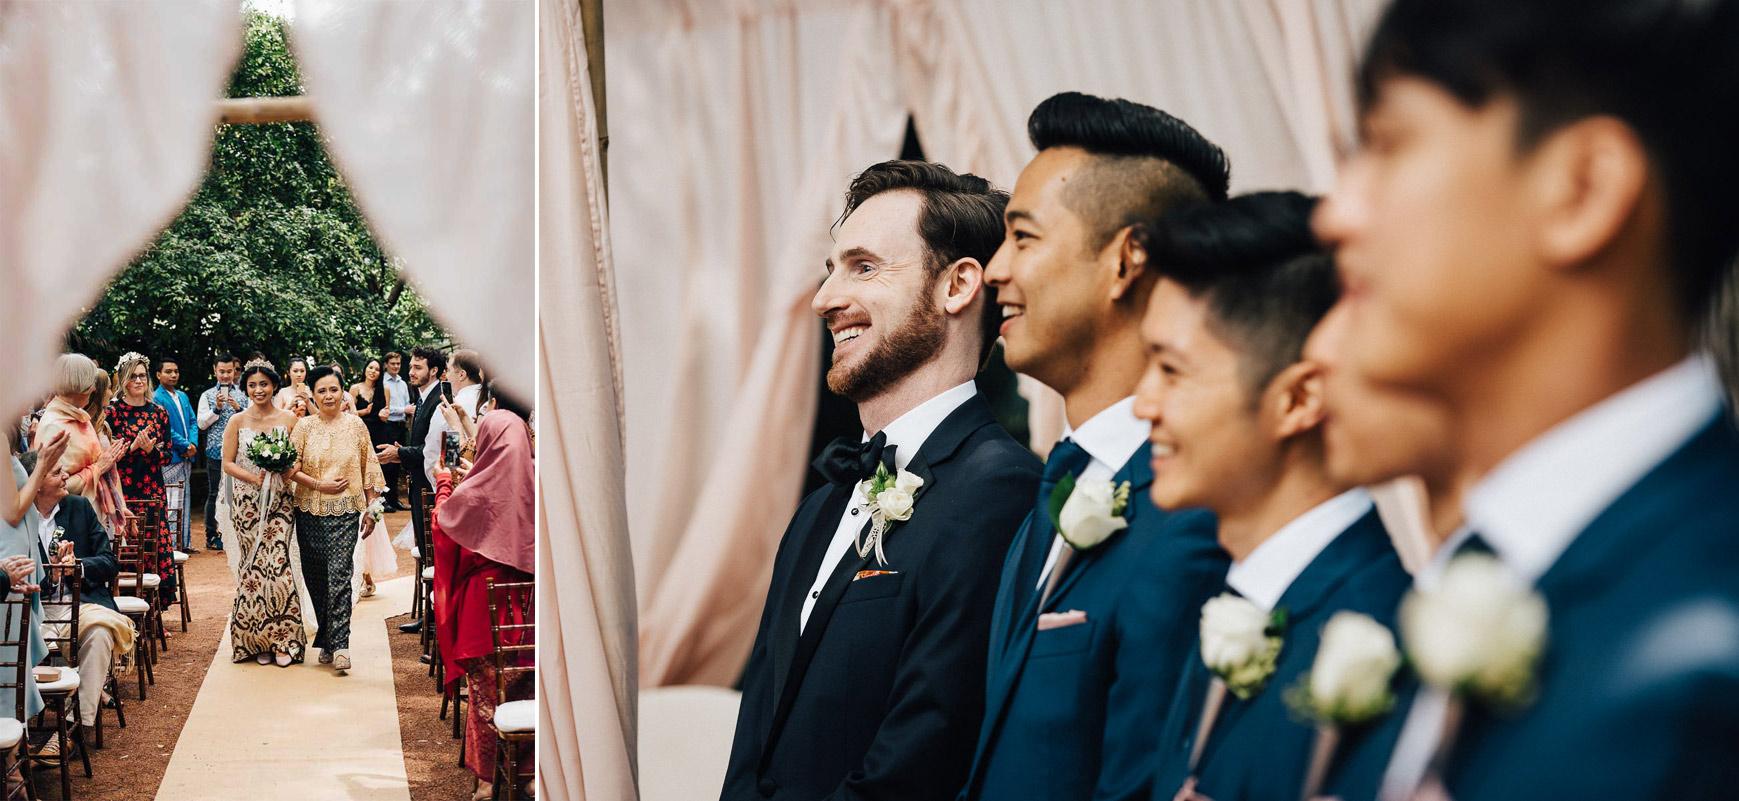 beautiful-uwa-wedding-photos-27.jpg